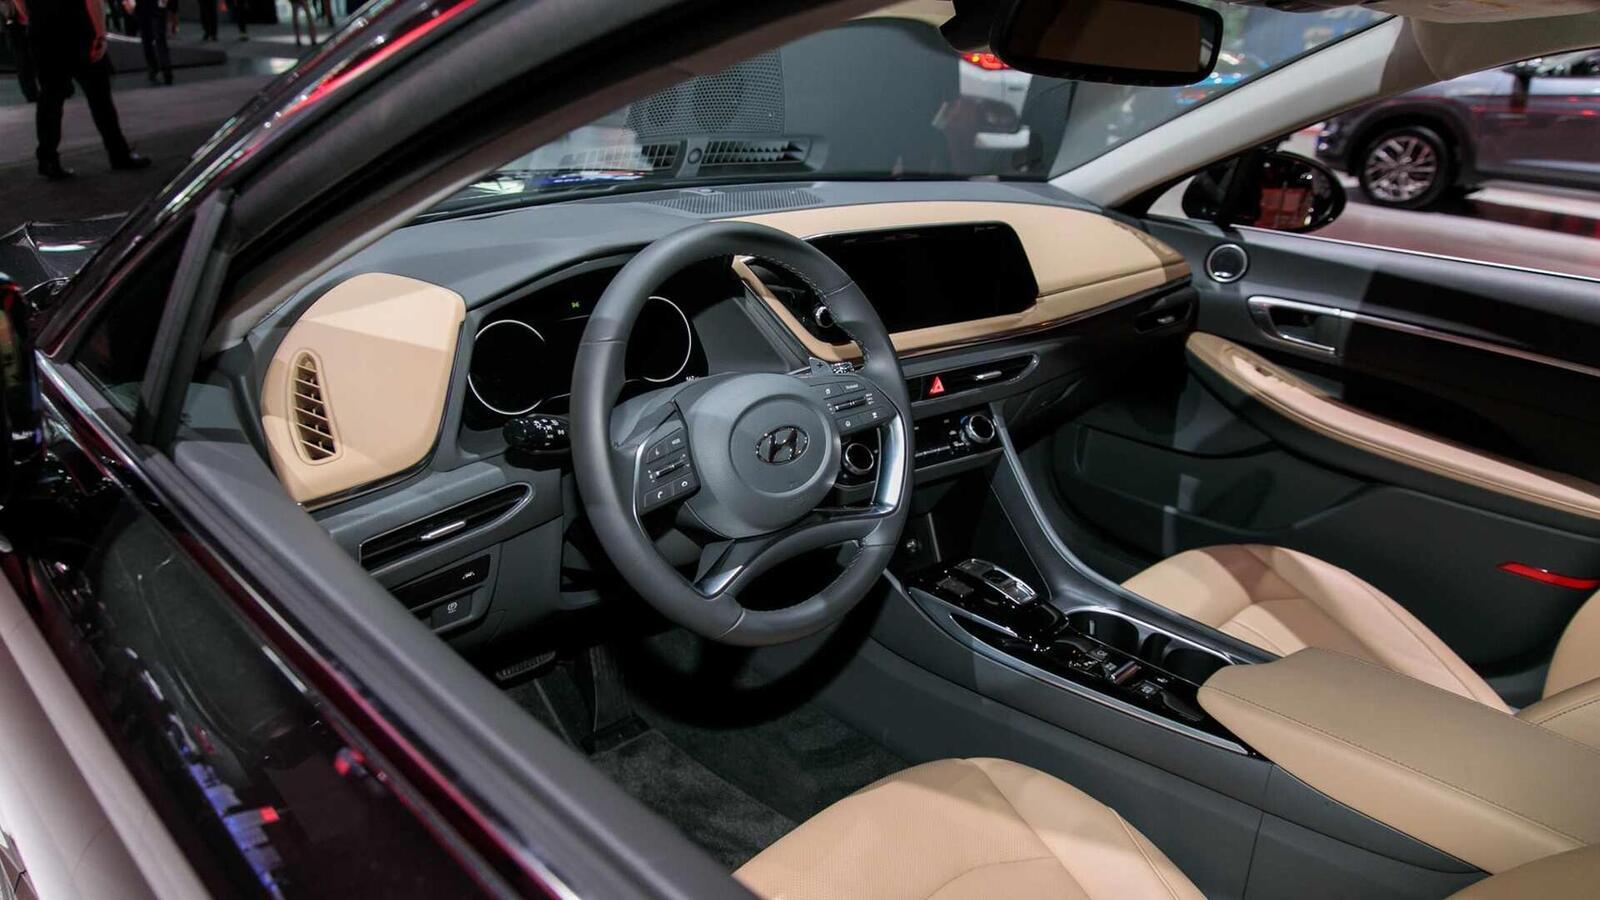 Hyundai đã ra mắt Sonata thế hệ thứ 8 tại Mỹ: Động cơ 1.6L tăng áp và 2.5L - Hình 7